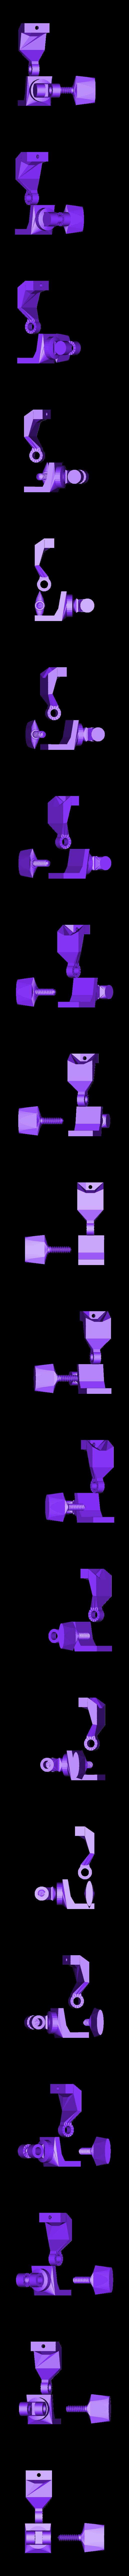 ender_clip_bolted_for_UV_lamp.stl Télécharger fichier STL gratuit Support de lampe UV pour le rail 2020 • Modèle à imprimer en 3D, lysithea81